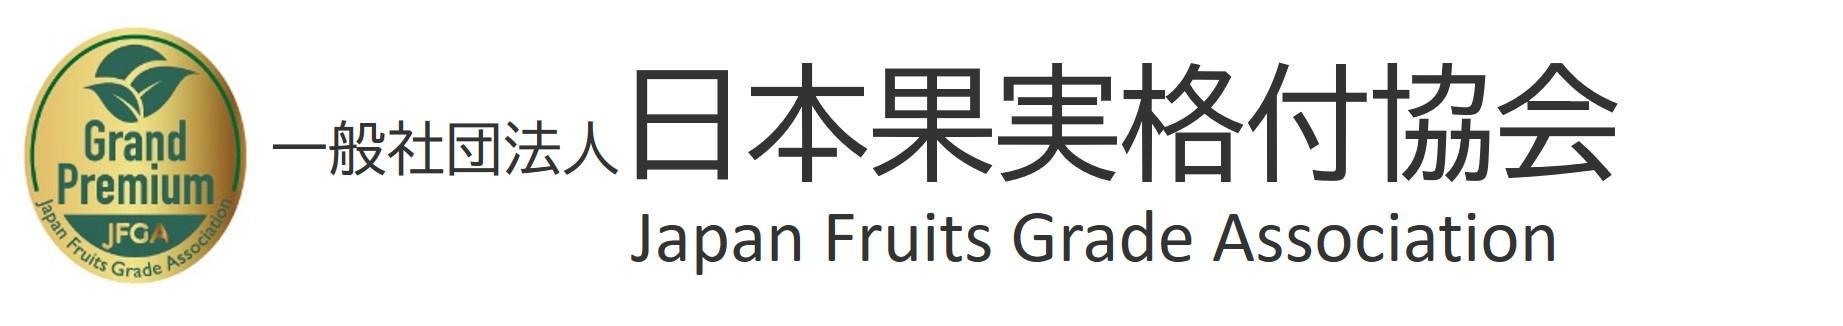 一般社団法人日本果実格付協会/Japan Fruits Grade Association